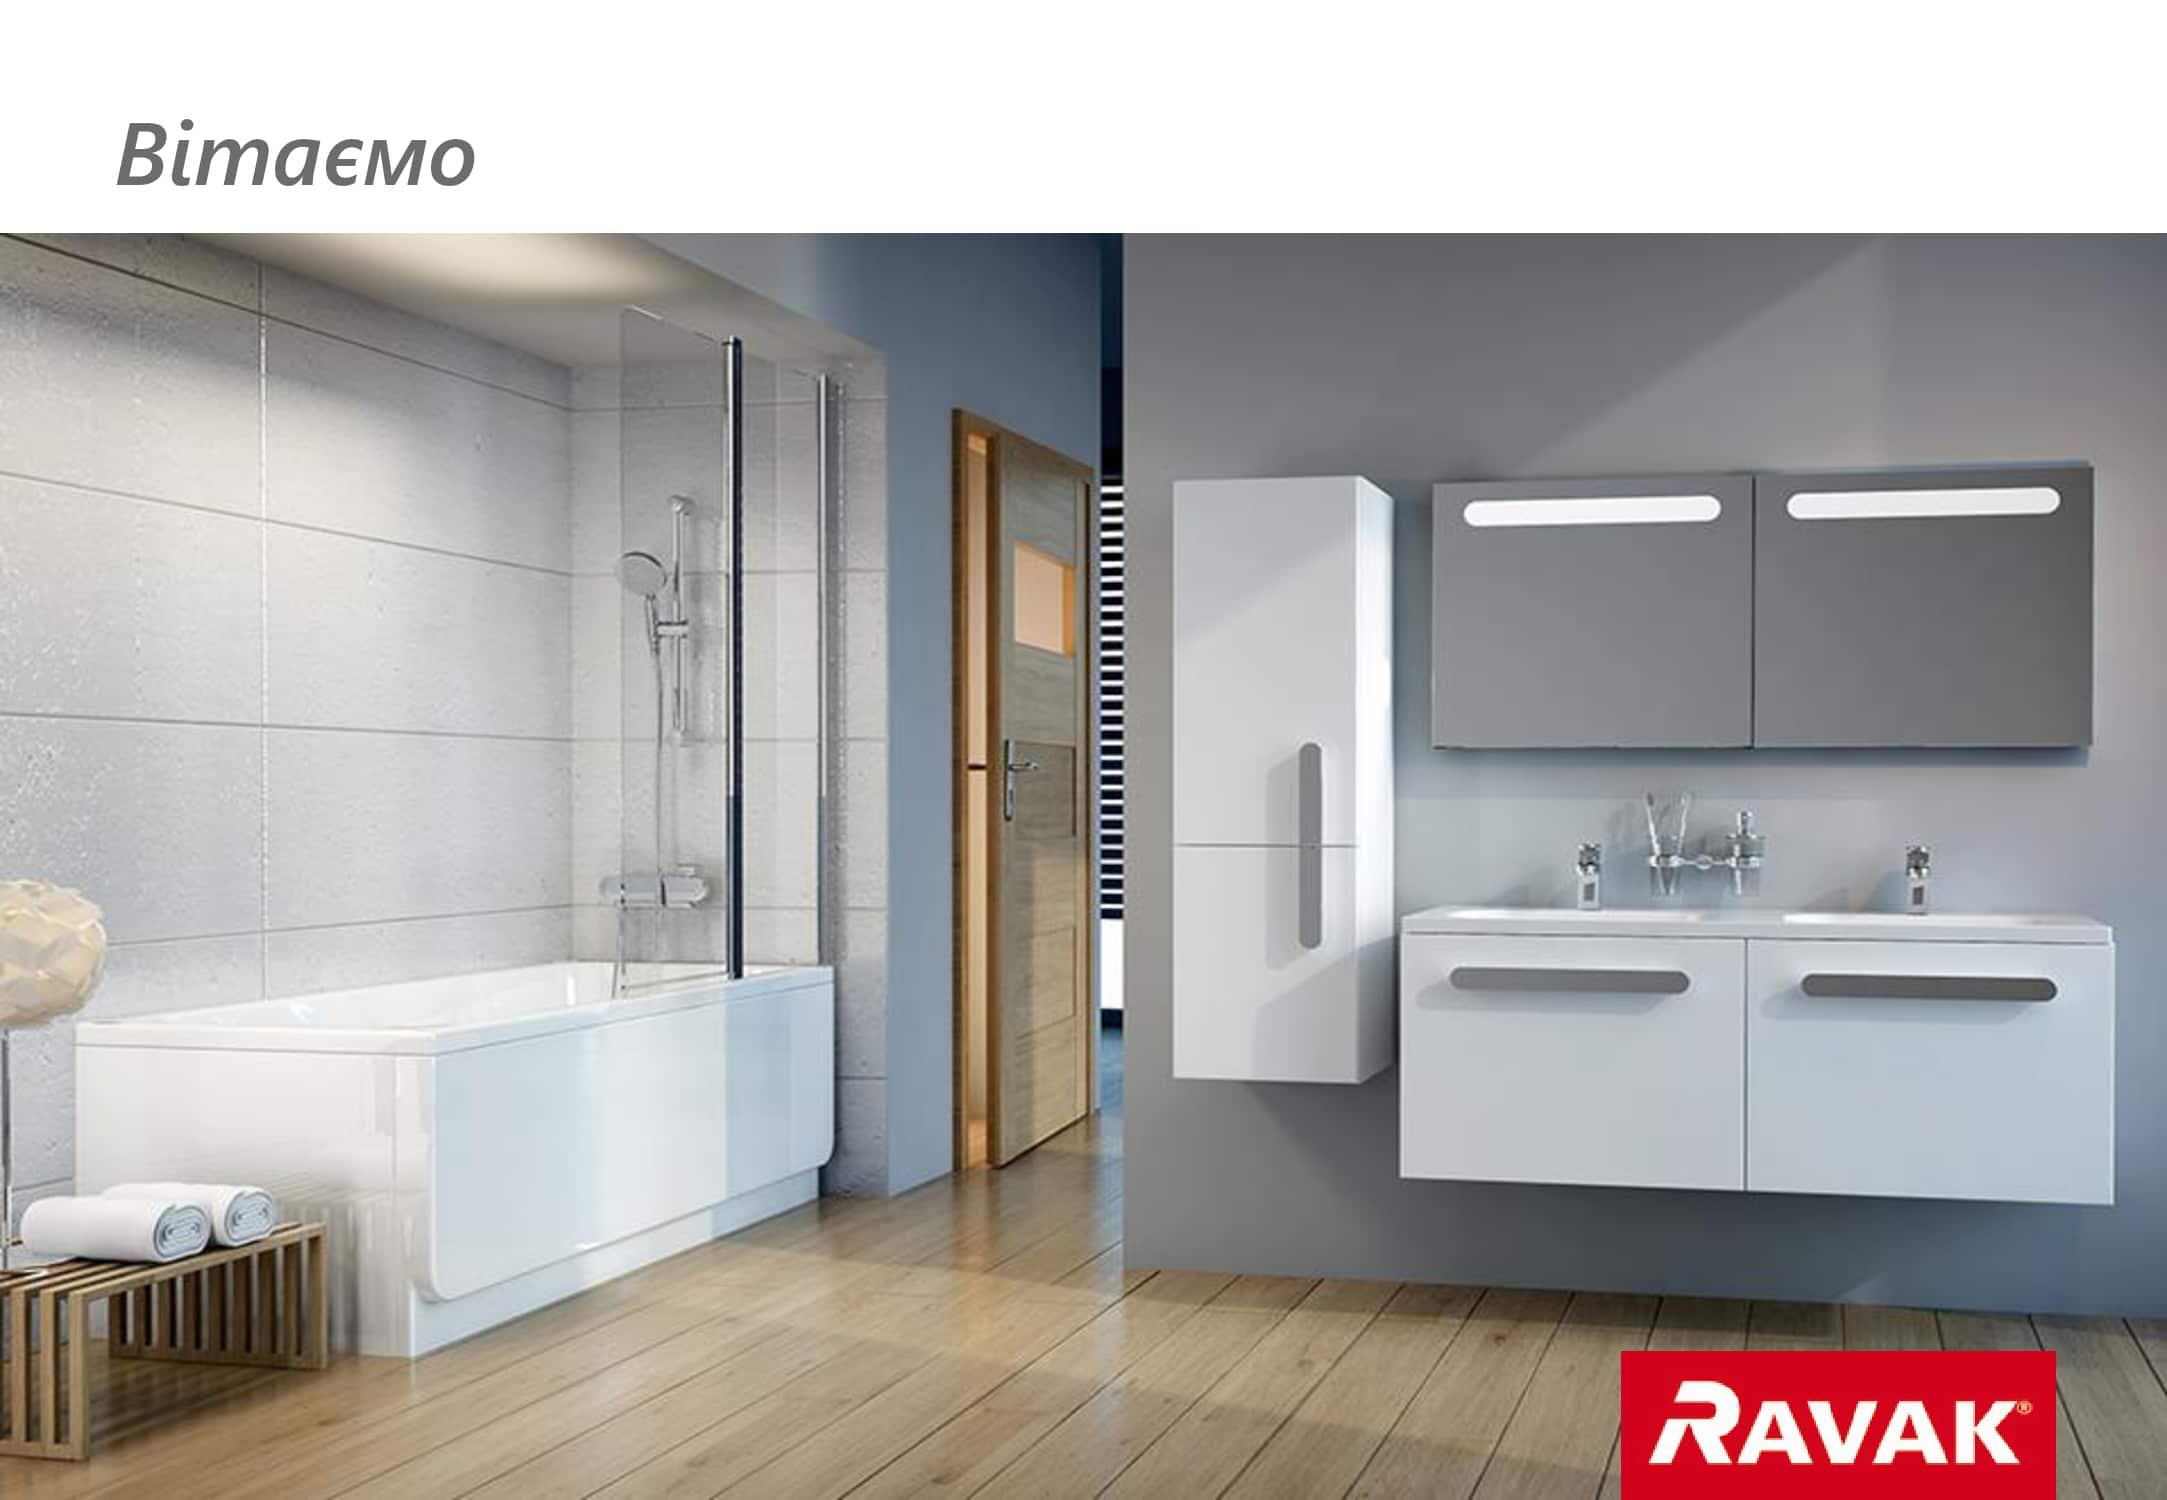 Вітаємо! Досконалі душові кабіни від Ravak